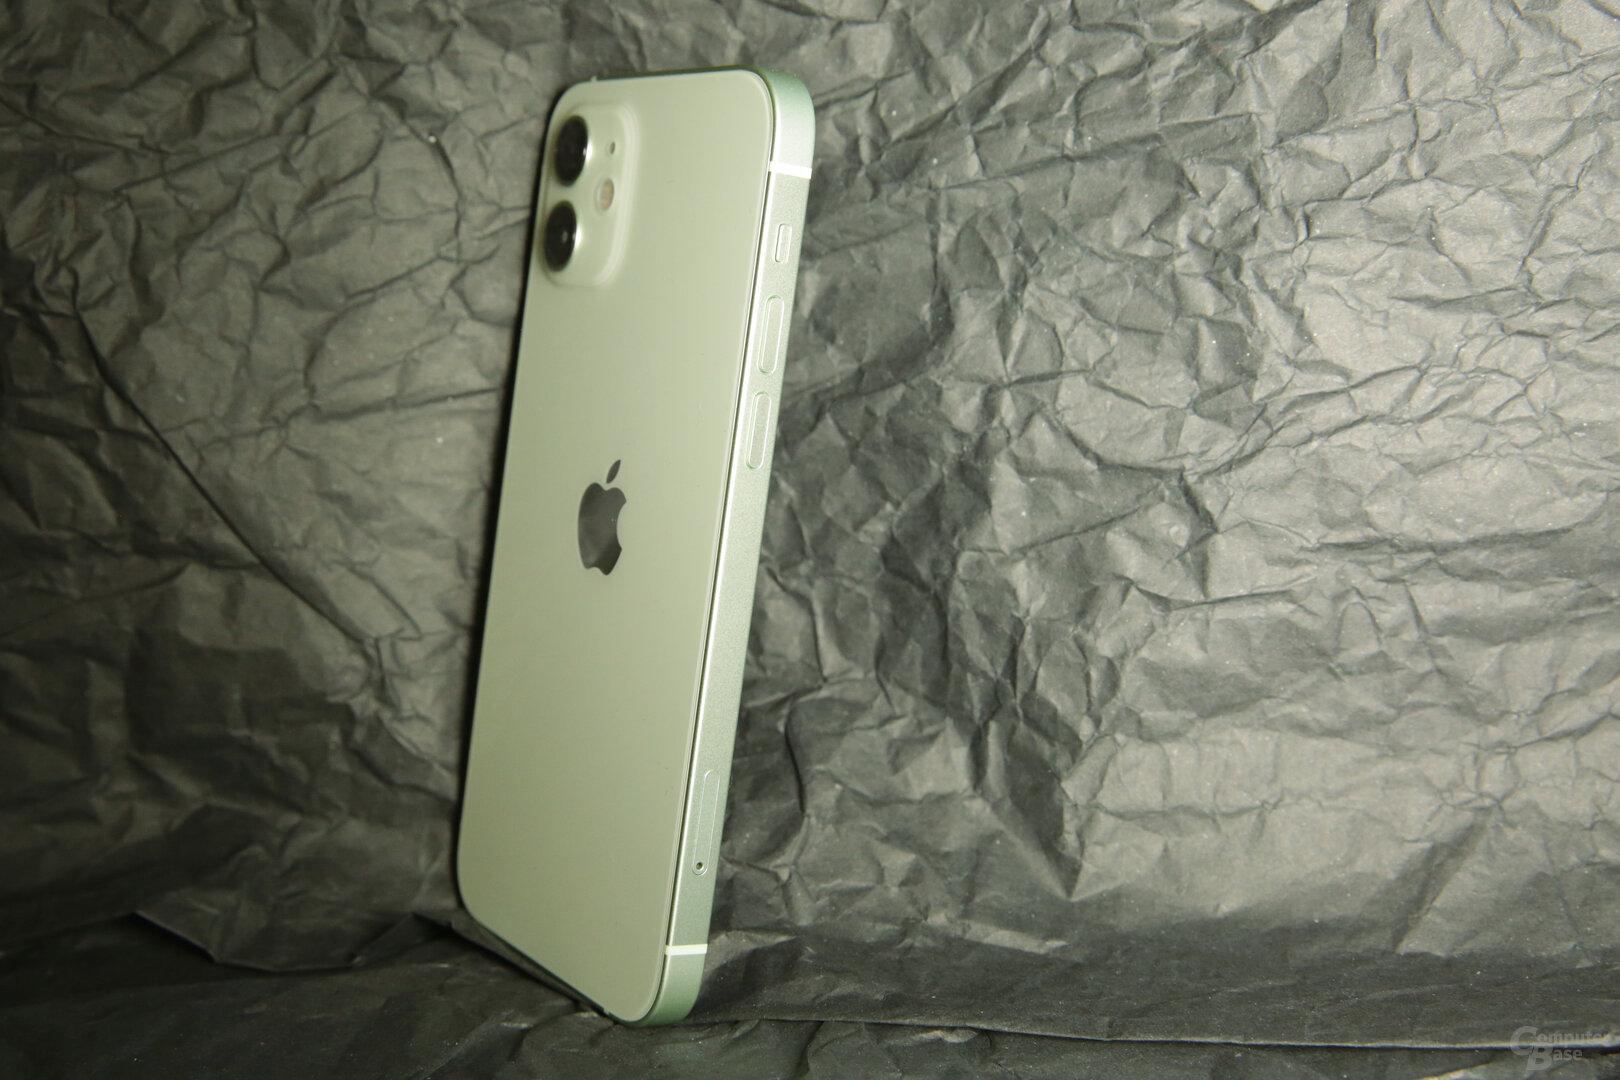 Mattes Aluminium für den Rahmen des iPhone 12